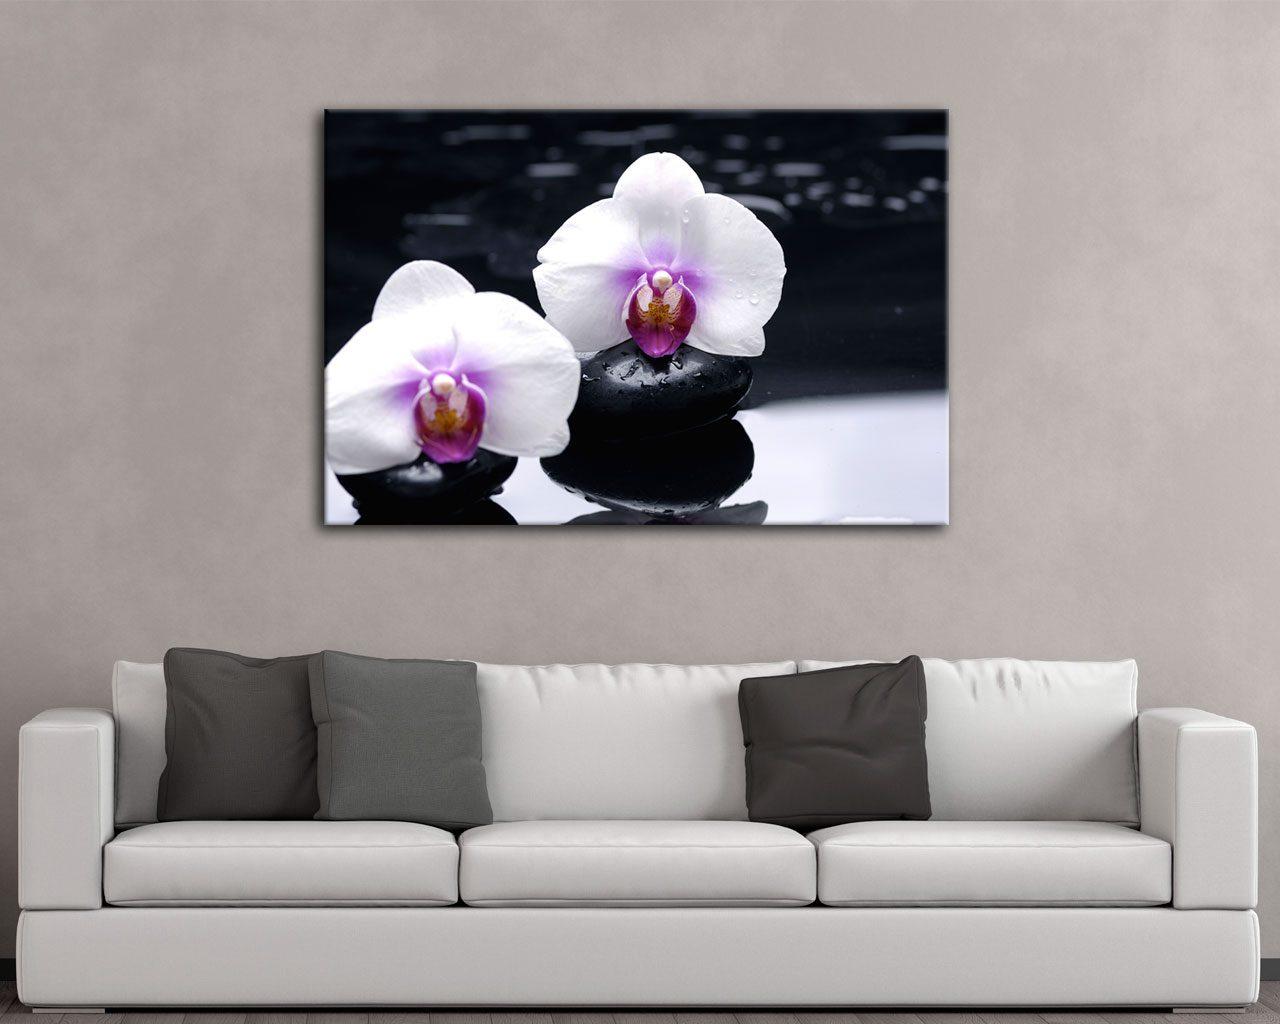 Candide orchidee bianche benessere stampa su tela for Quadri moderni orchidee